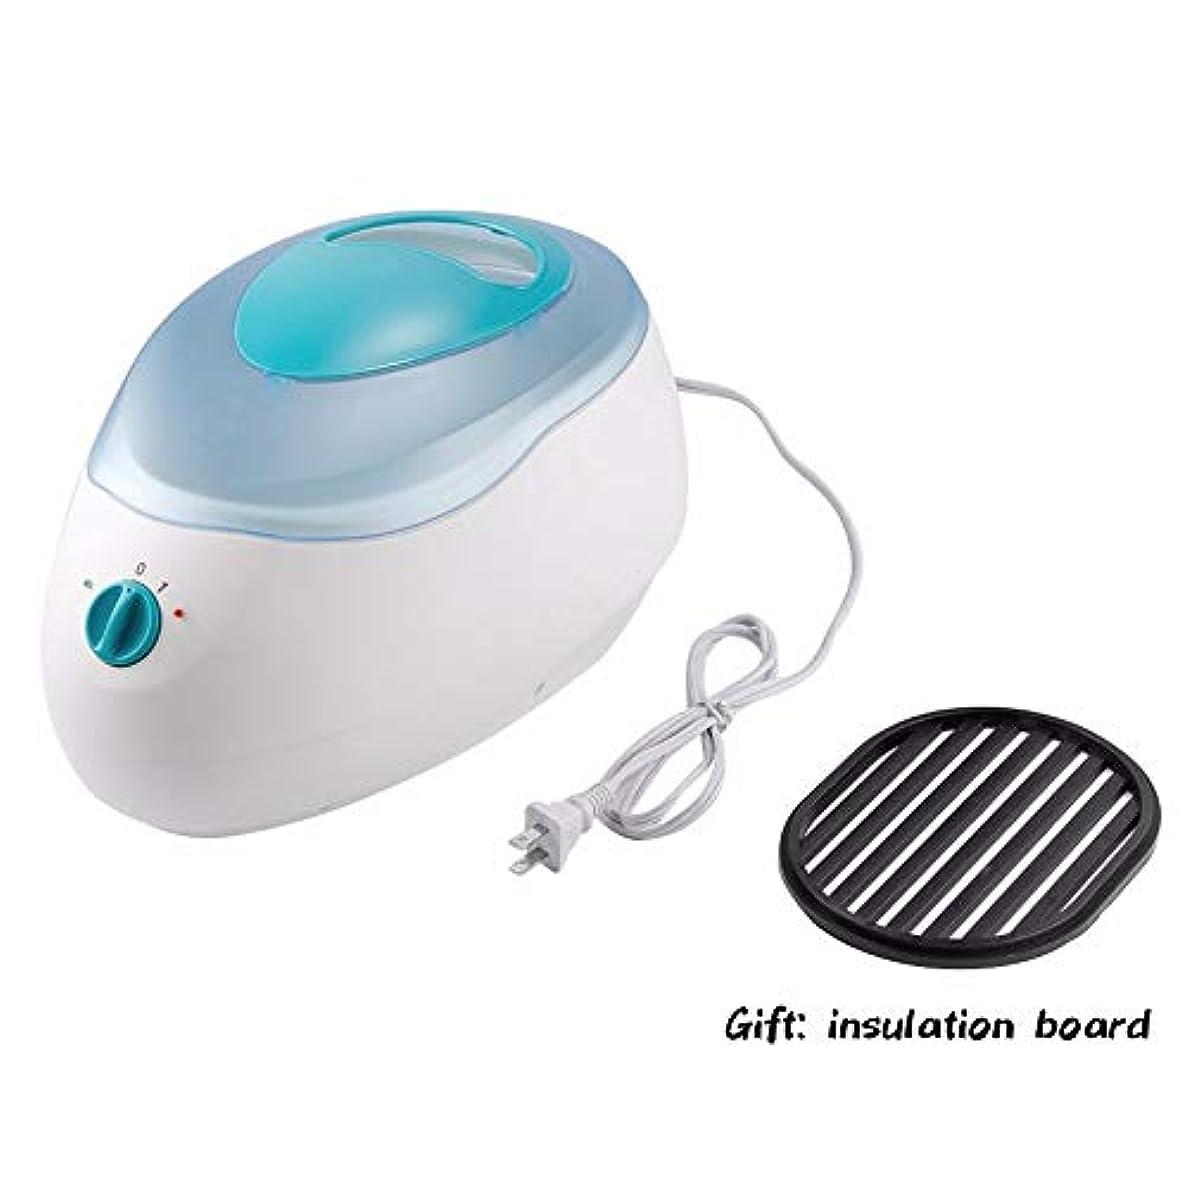 着る鉄スリットワックスヒーター機200ワットパラフィンヒーター療法浴室ワックスポットヒーター美容院スパ2レベル制御機用スキンケアツール